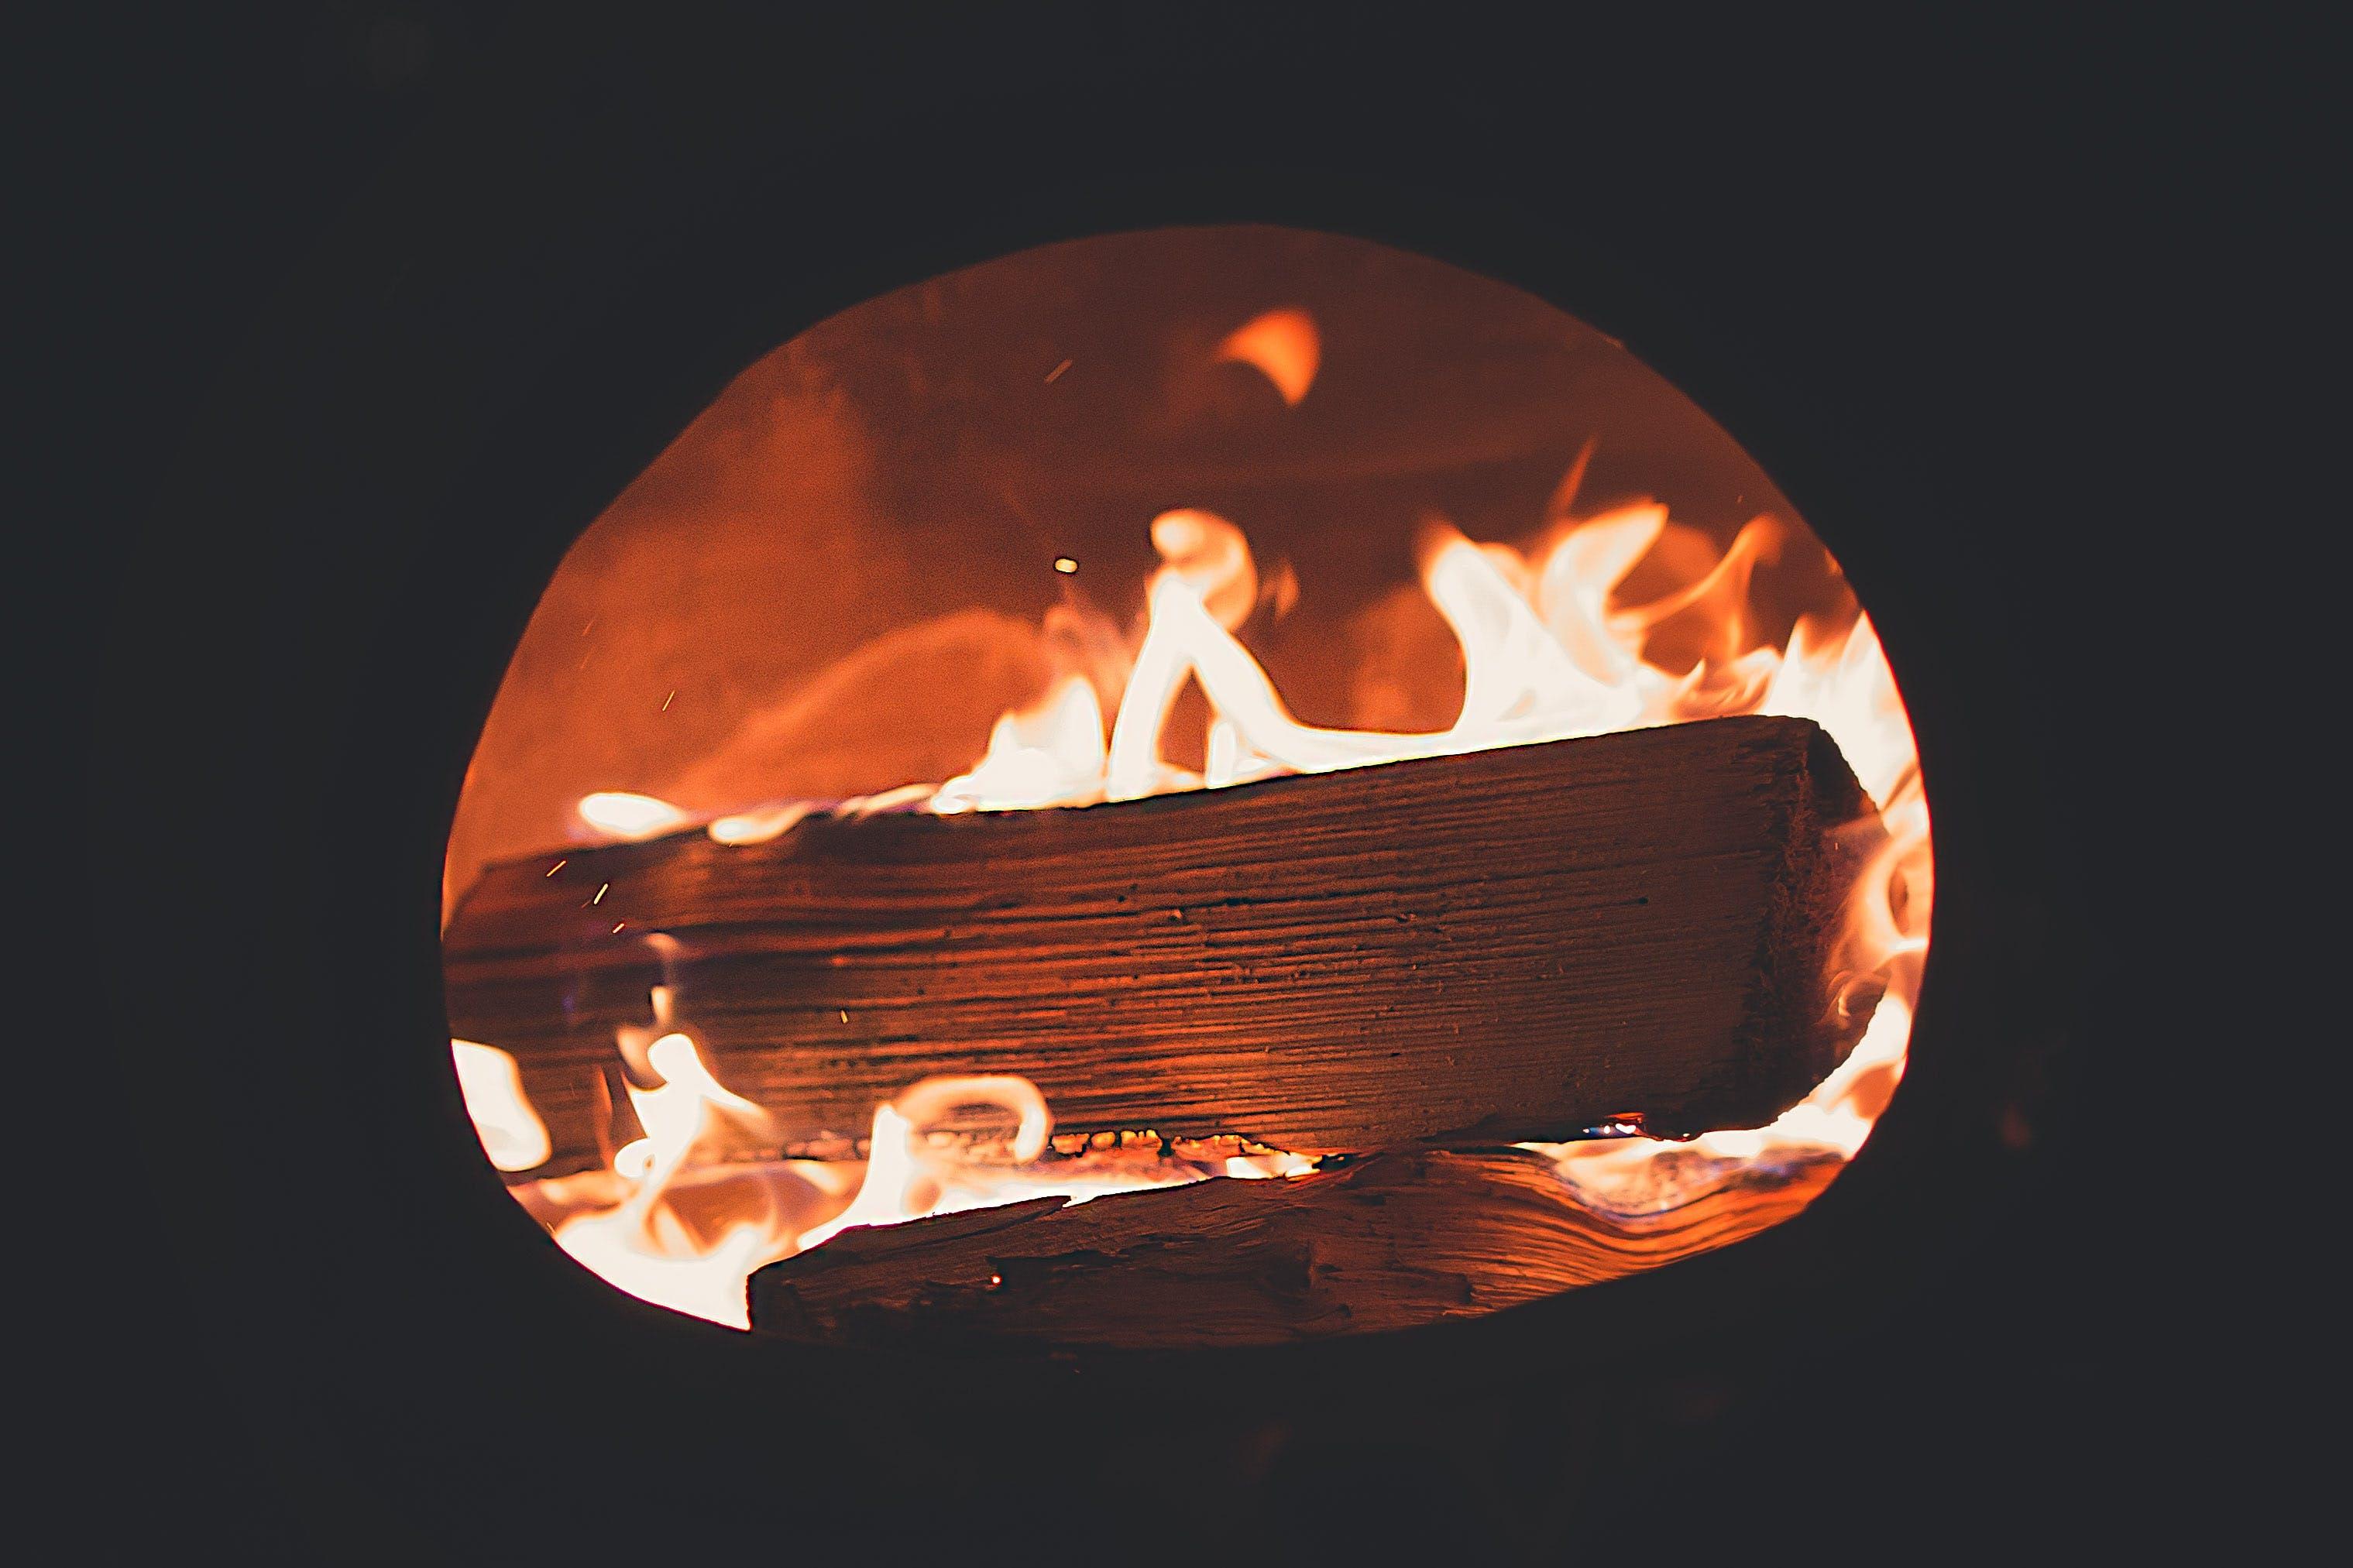 Δωρεάν στοκ φωτογραφιών με ανάβω φωτιά, γκρο πλαν, θερμότητα, καίω